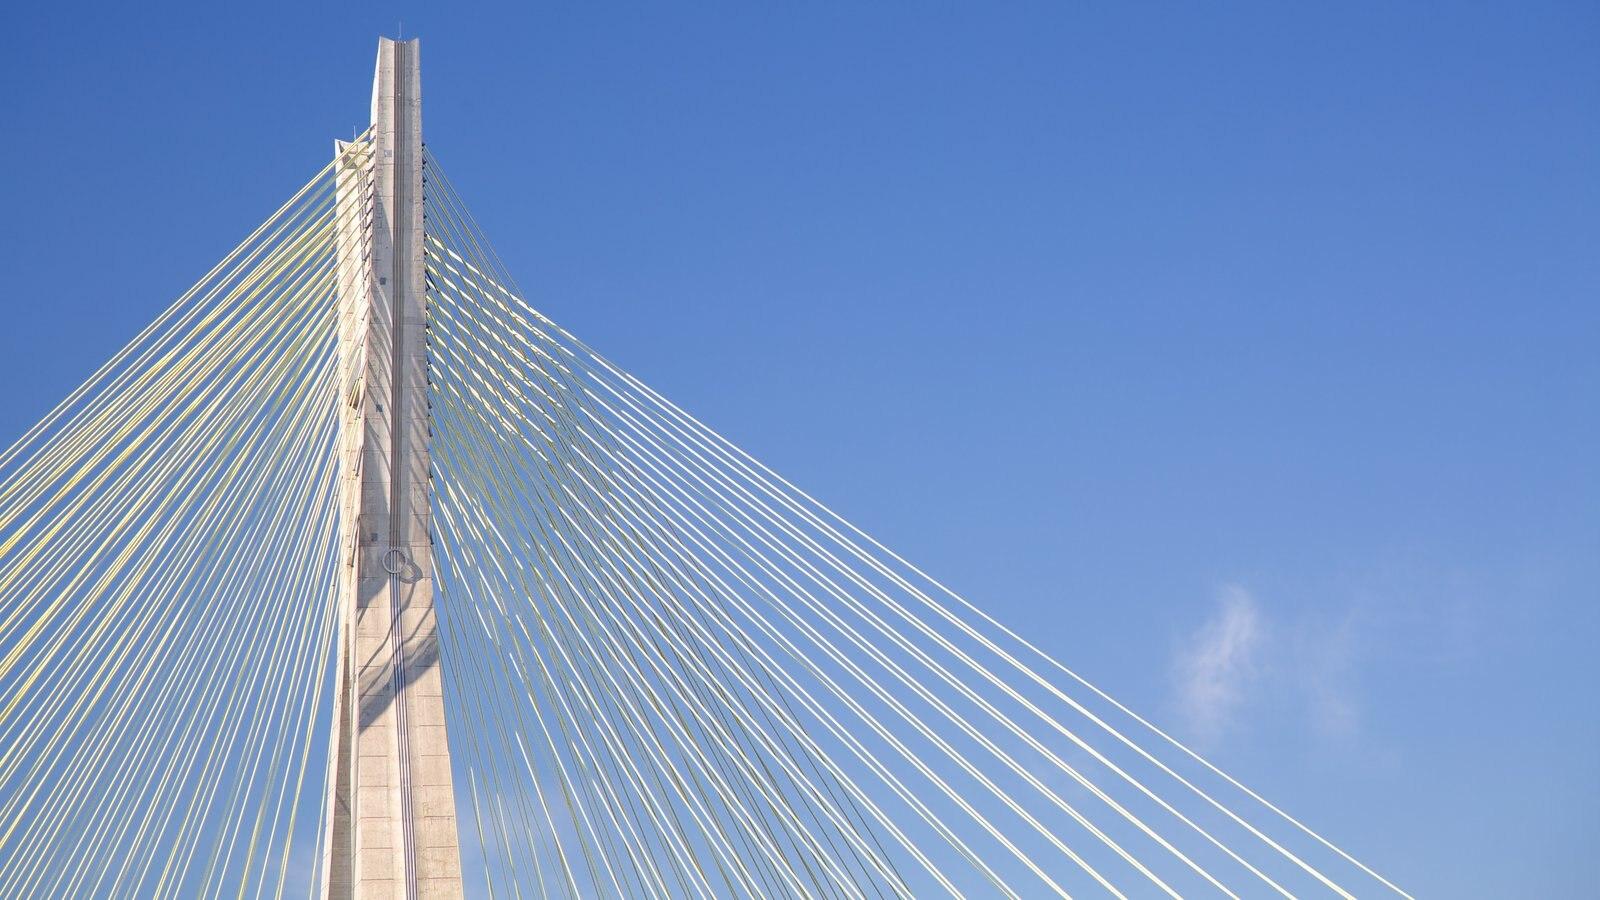 Ponte Octávio Frias de Oliveira que inclui arquitetura moderna e uma ponte